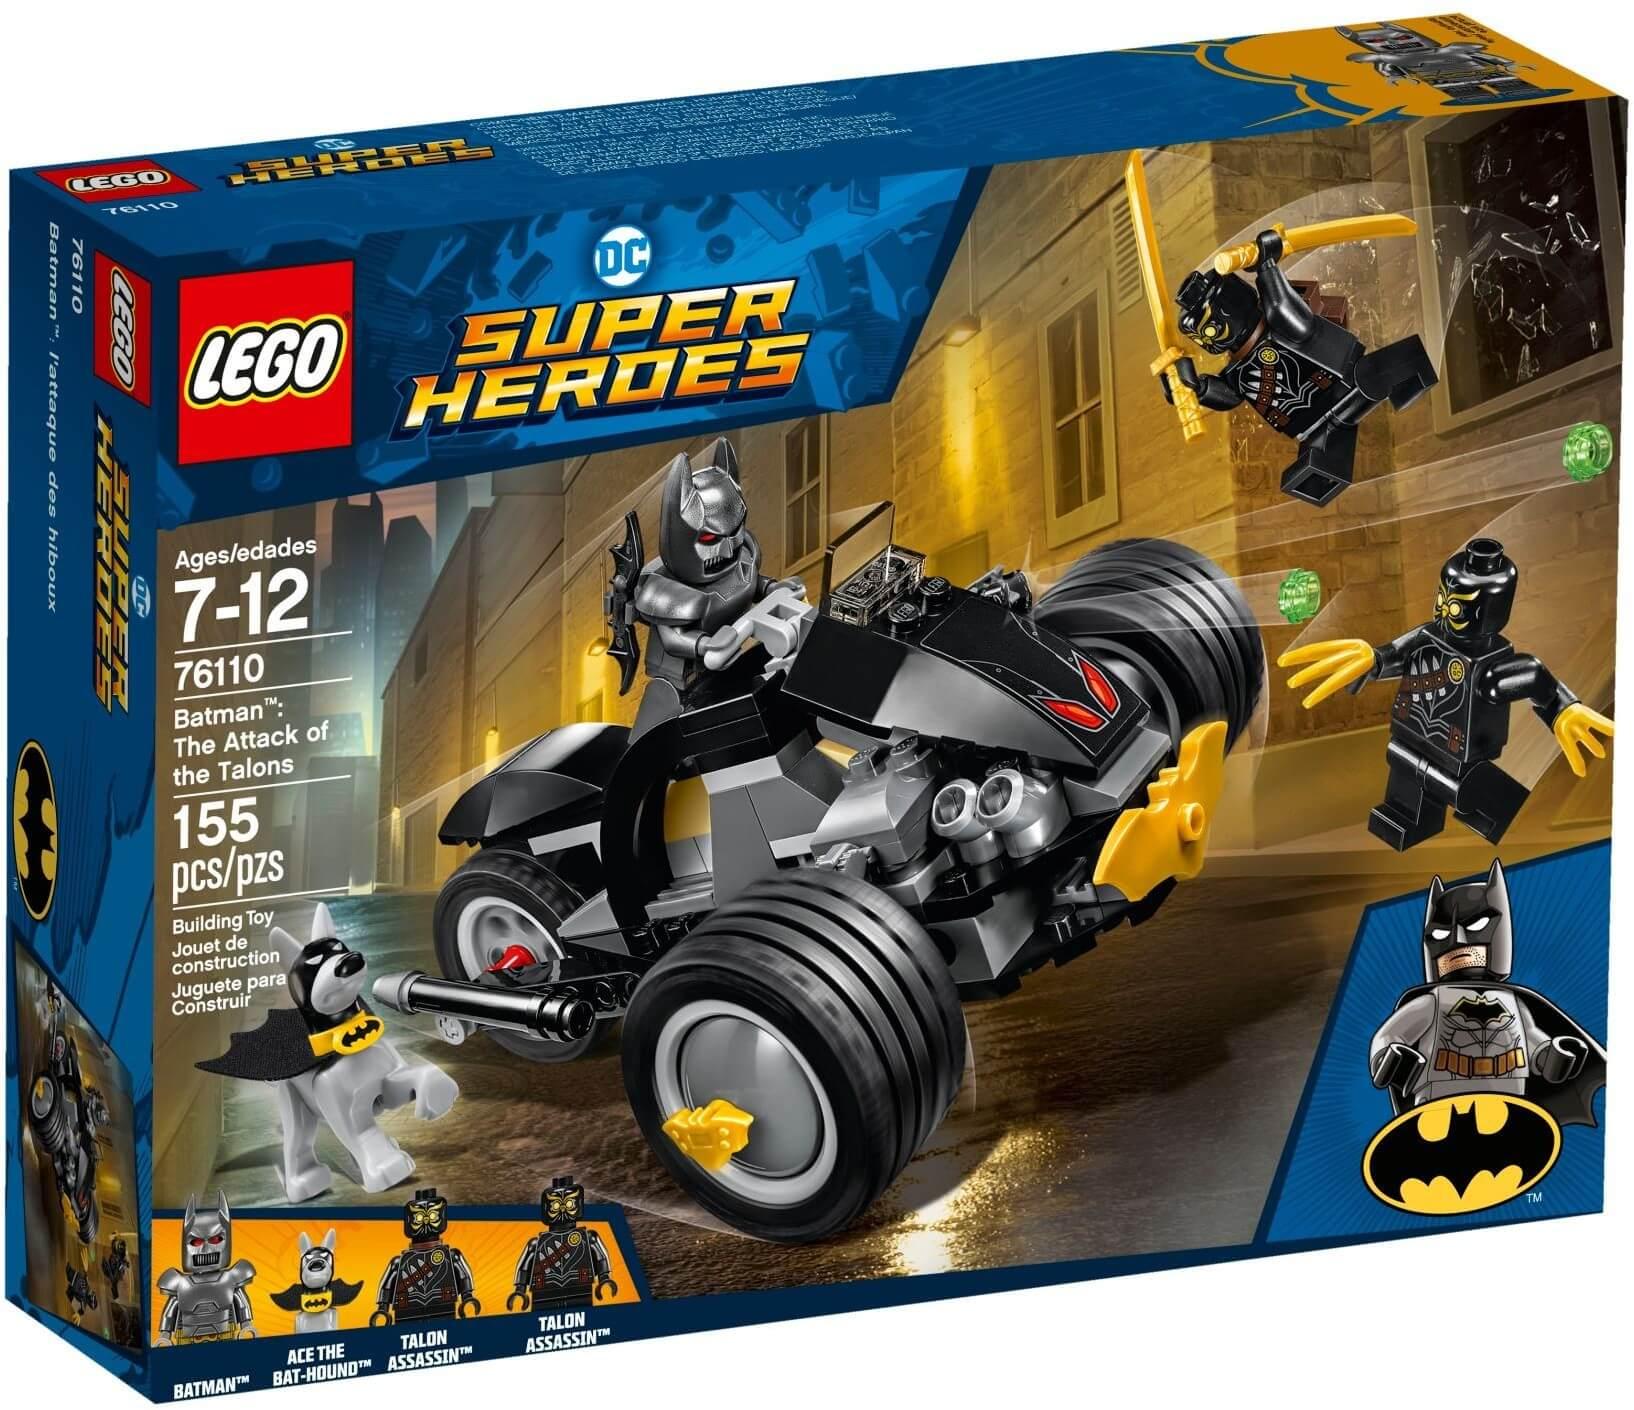 Mua đồ chơi LEGO 76110 - LEGO Super Heroes 76110 - Xe Mô Tô của Batman đại chiến Talon (LEGO 76110 Batman: The Attack of the Talons)